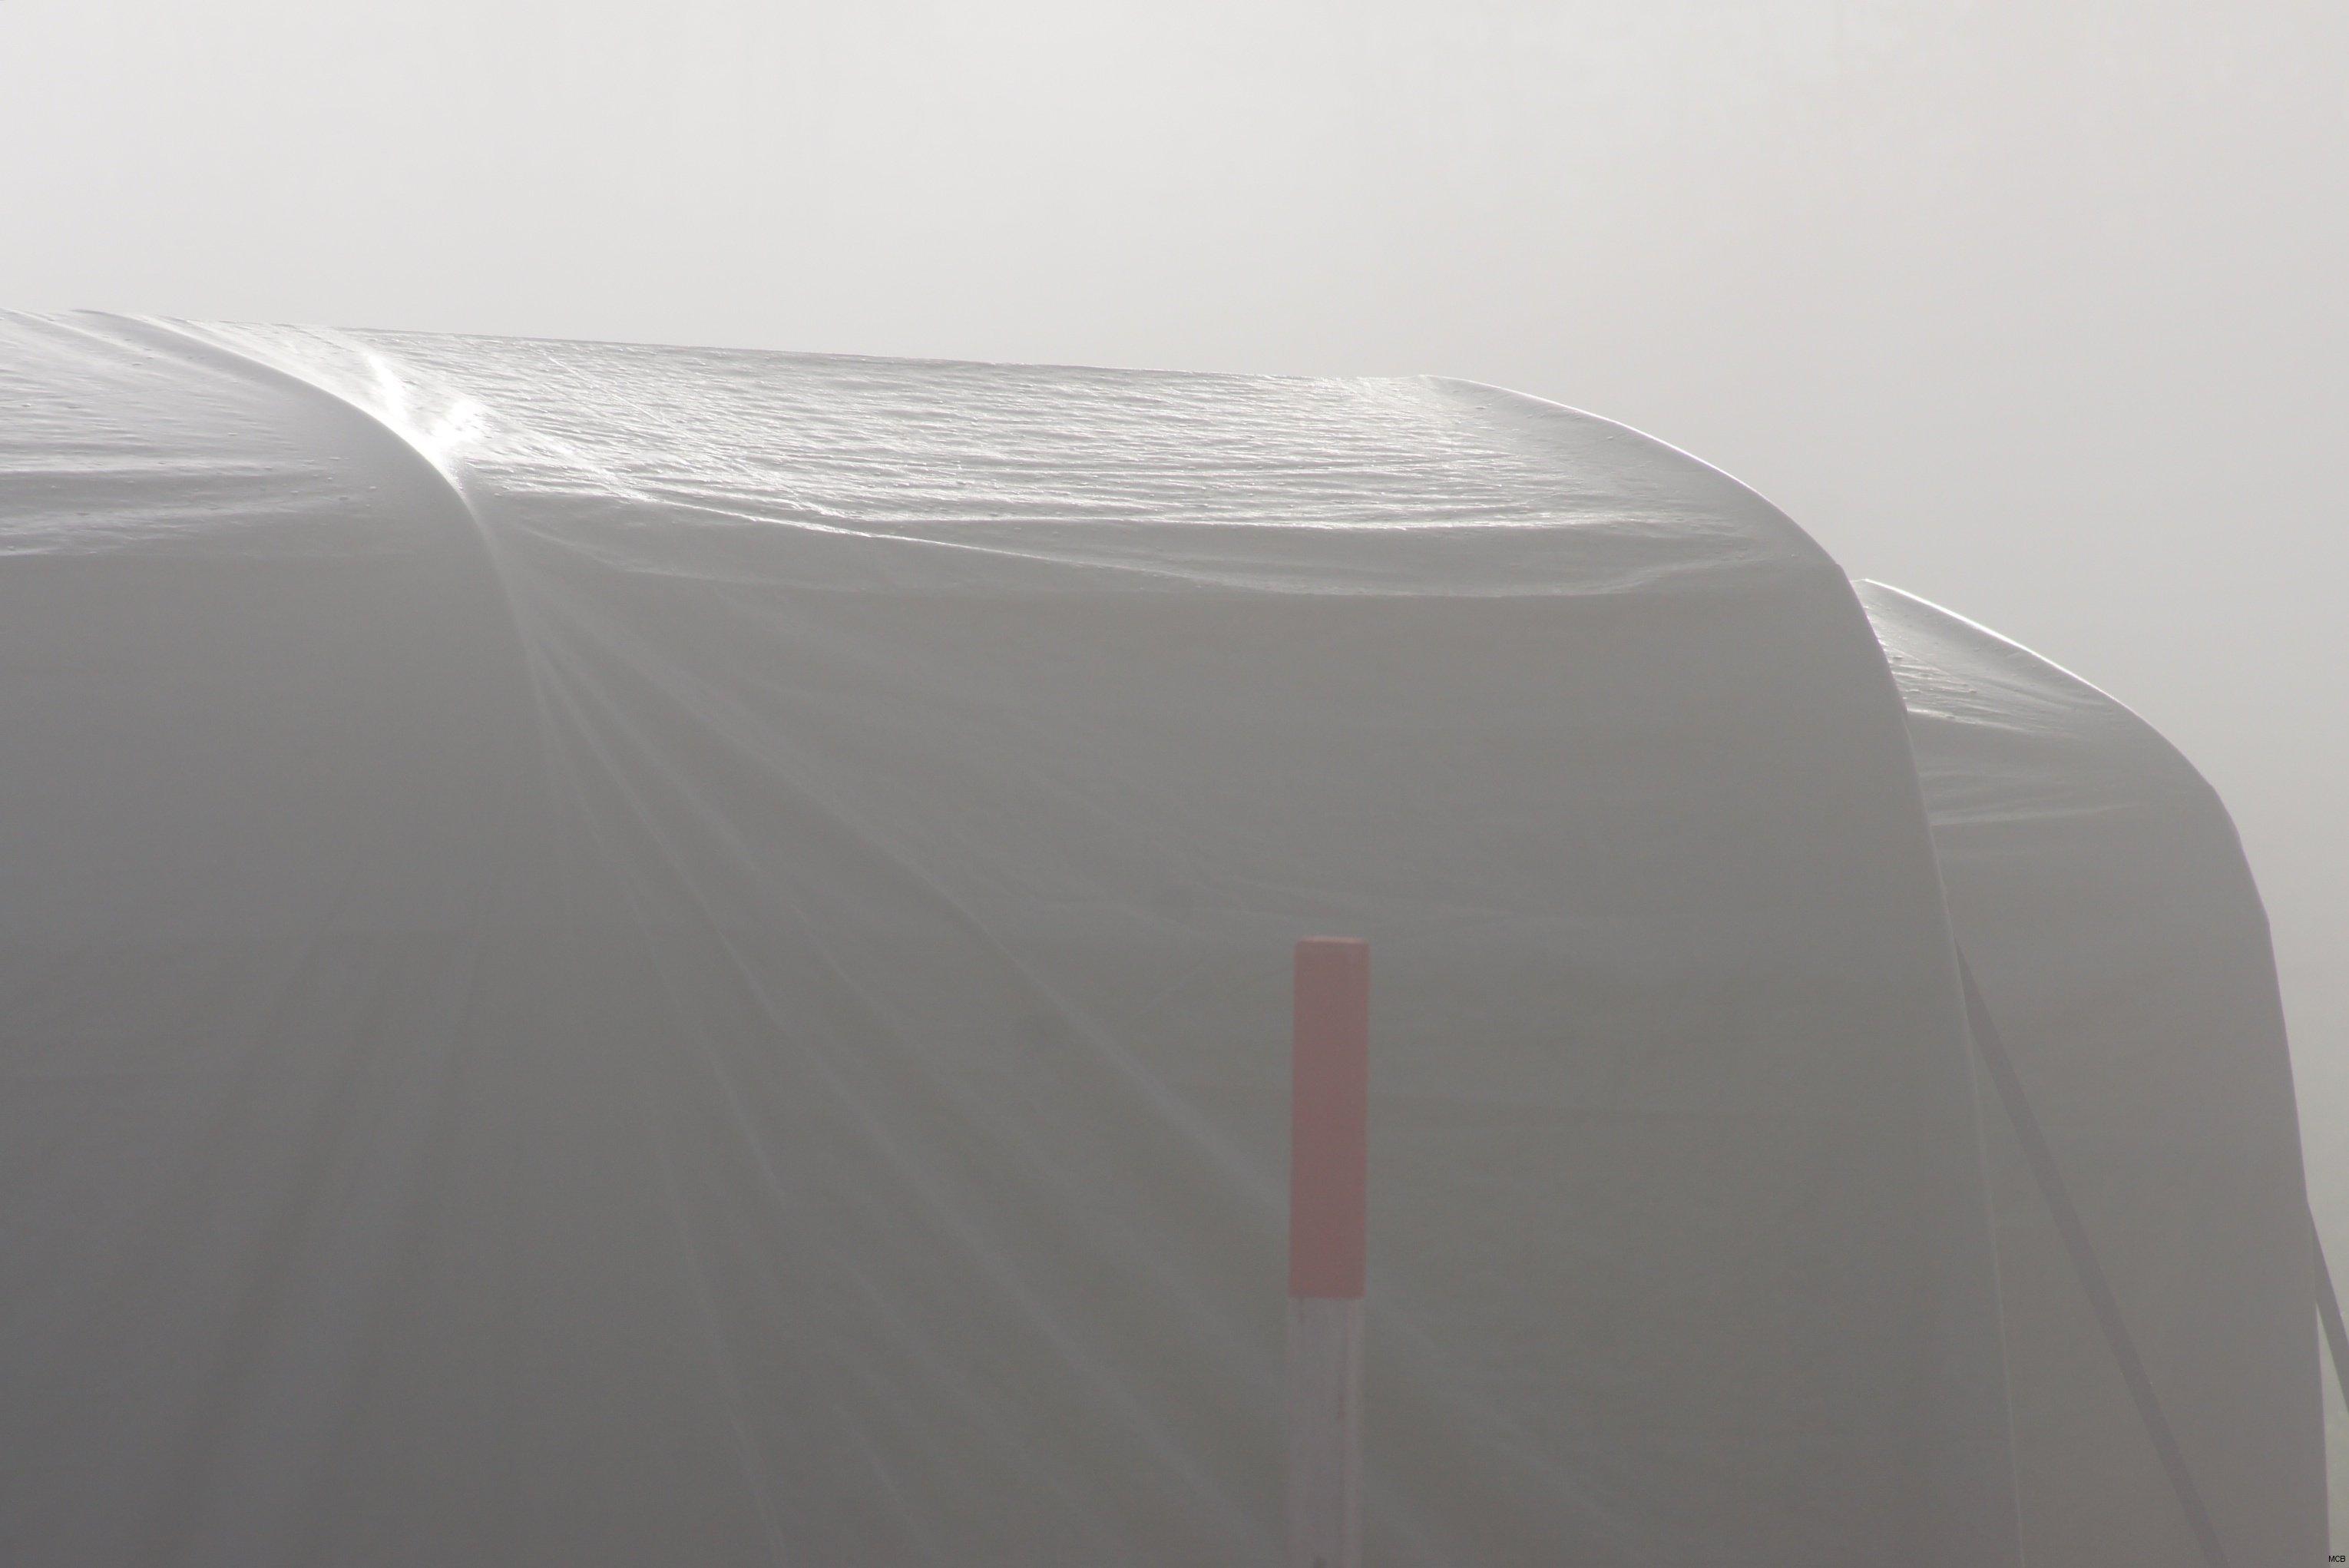 Lumière transperçant le brouillard